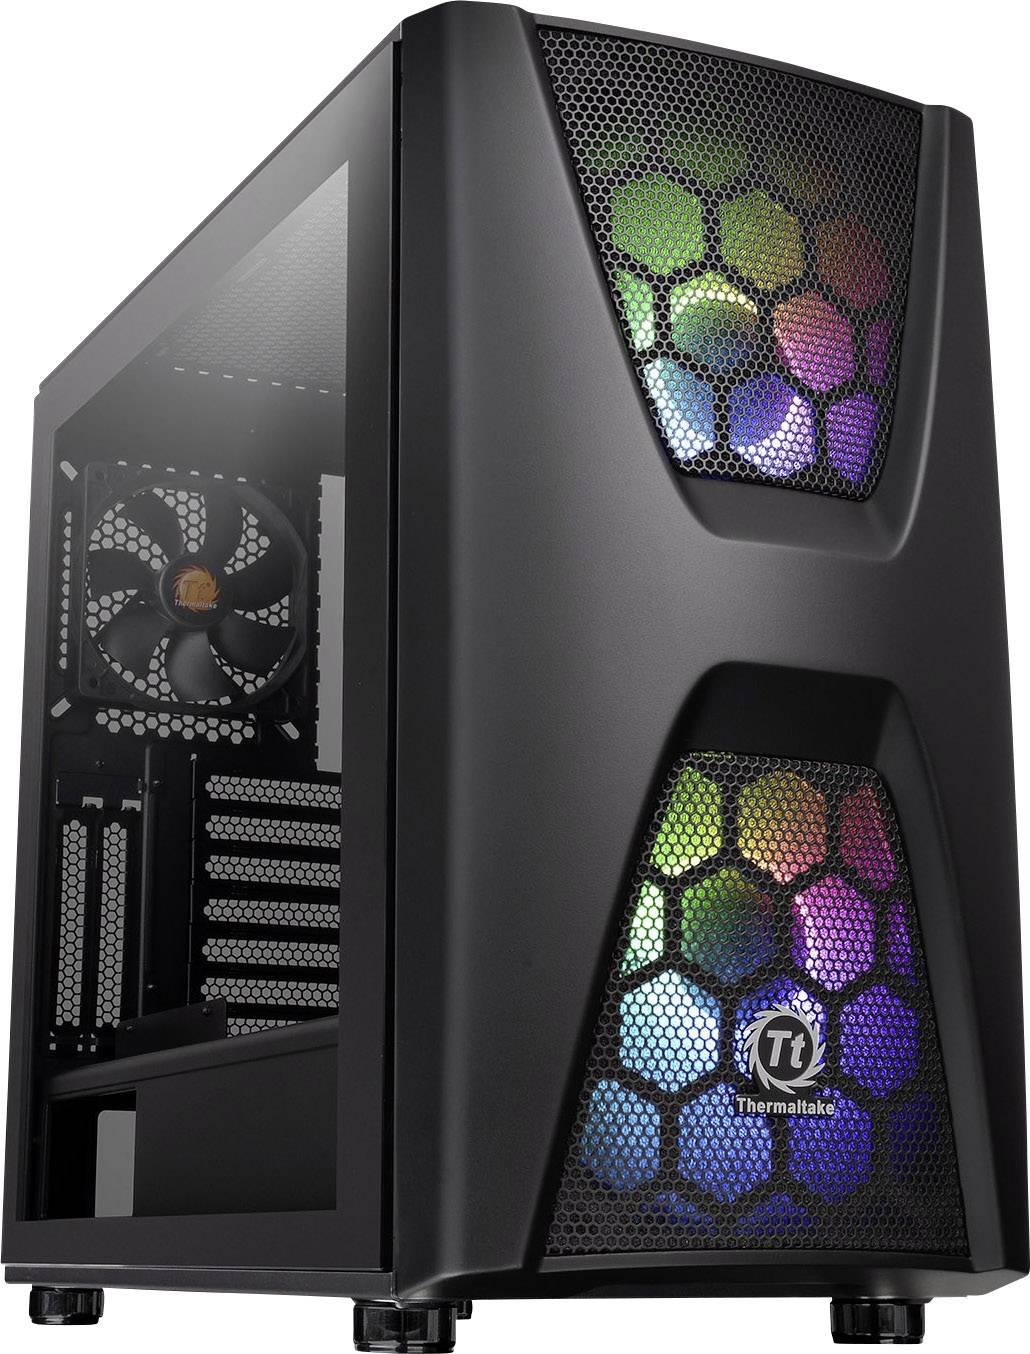 Midi-Tower PC Case, PC Case da gioco Thermaltake Commander C34 TG Nero 2 ventole LED pre-montate, 1 ventola pre-montata,